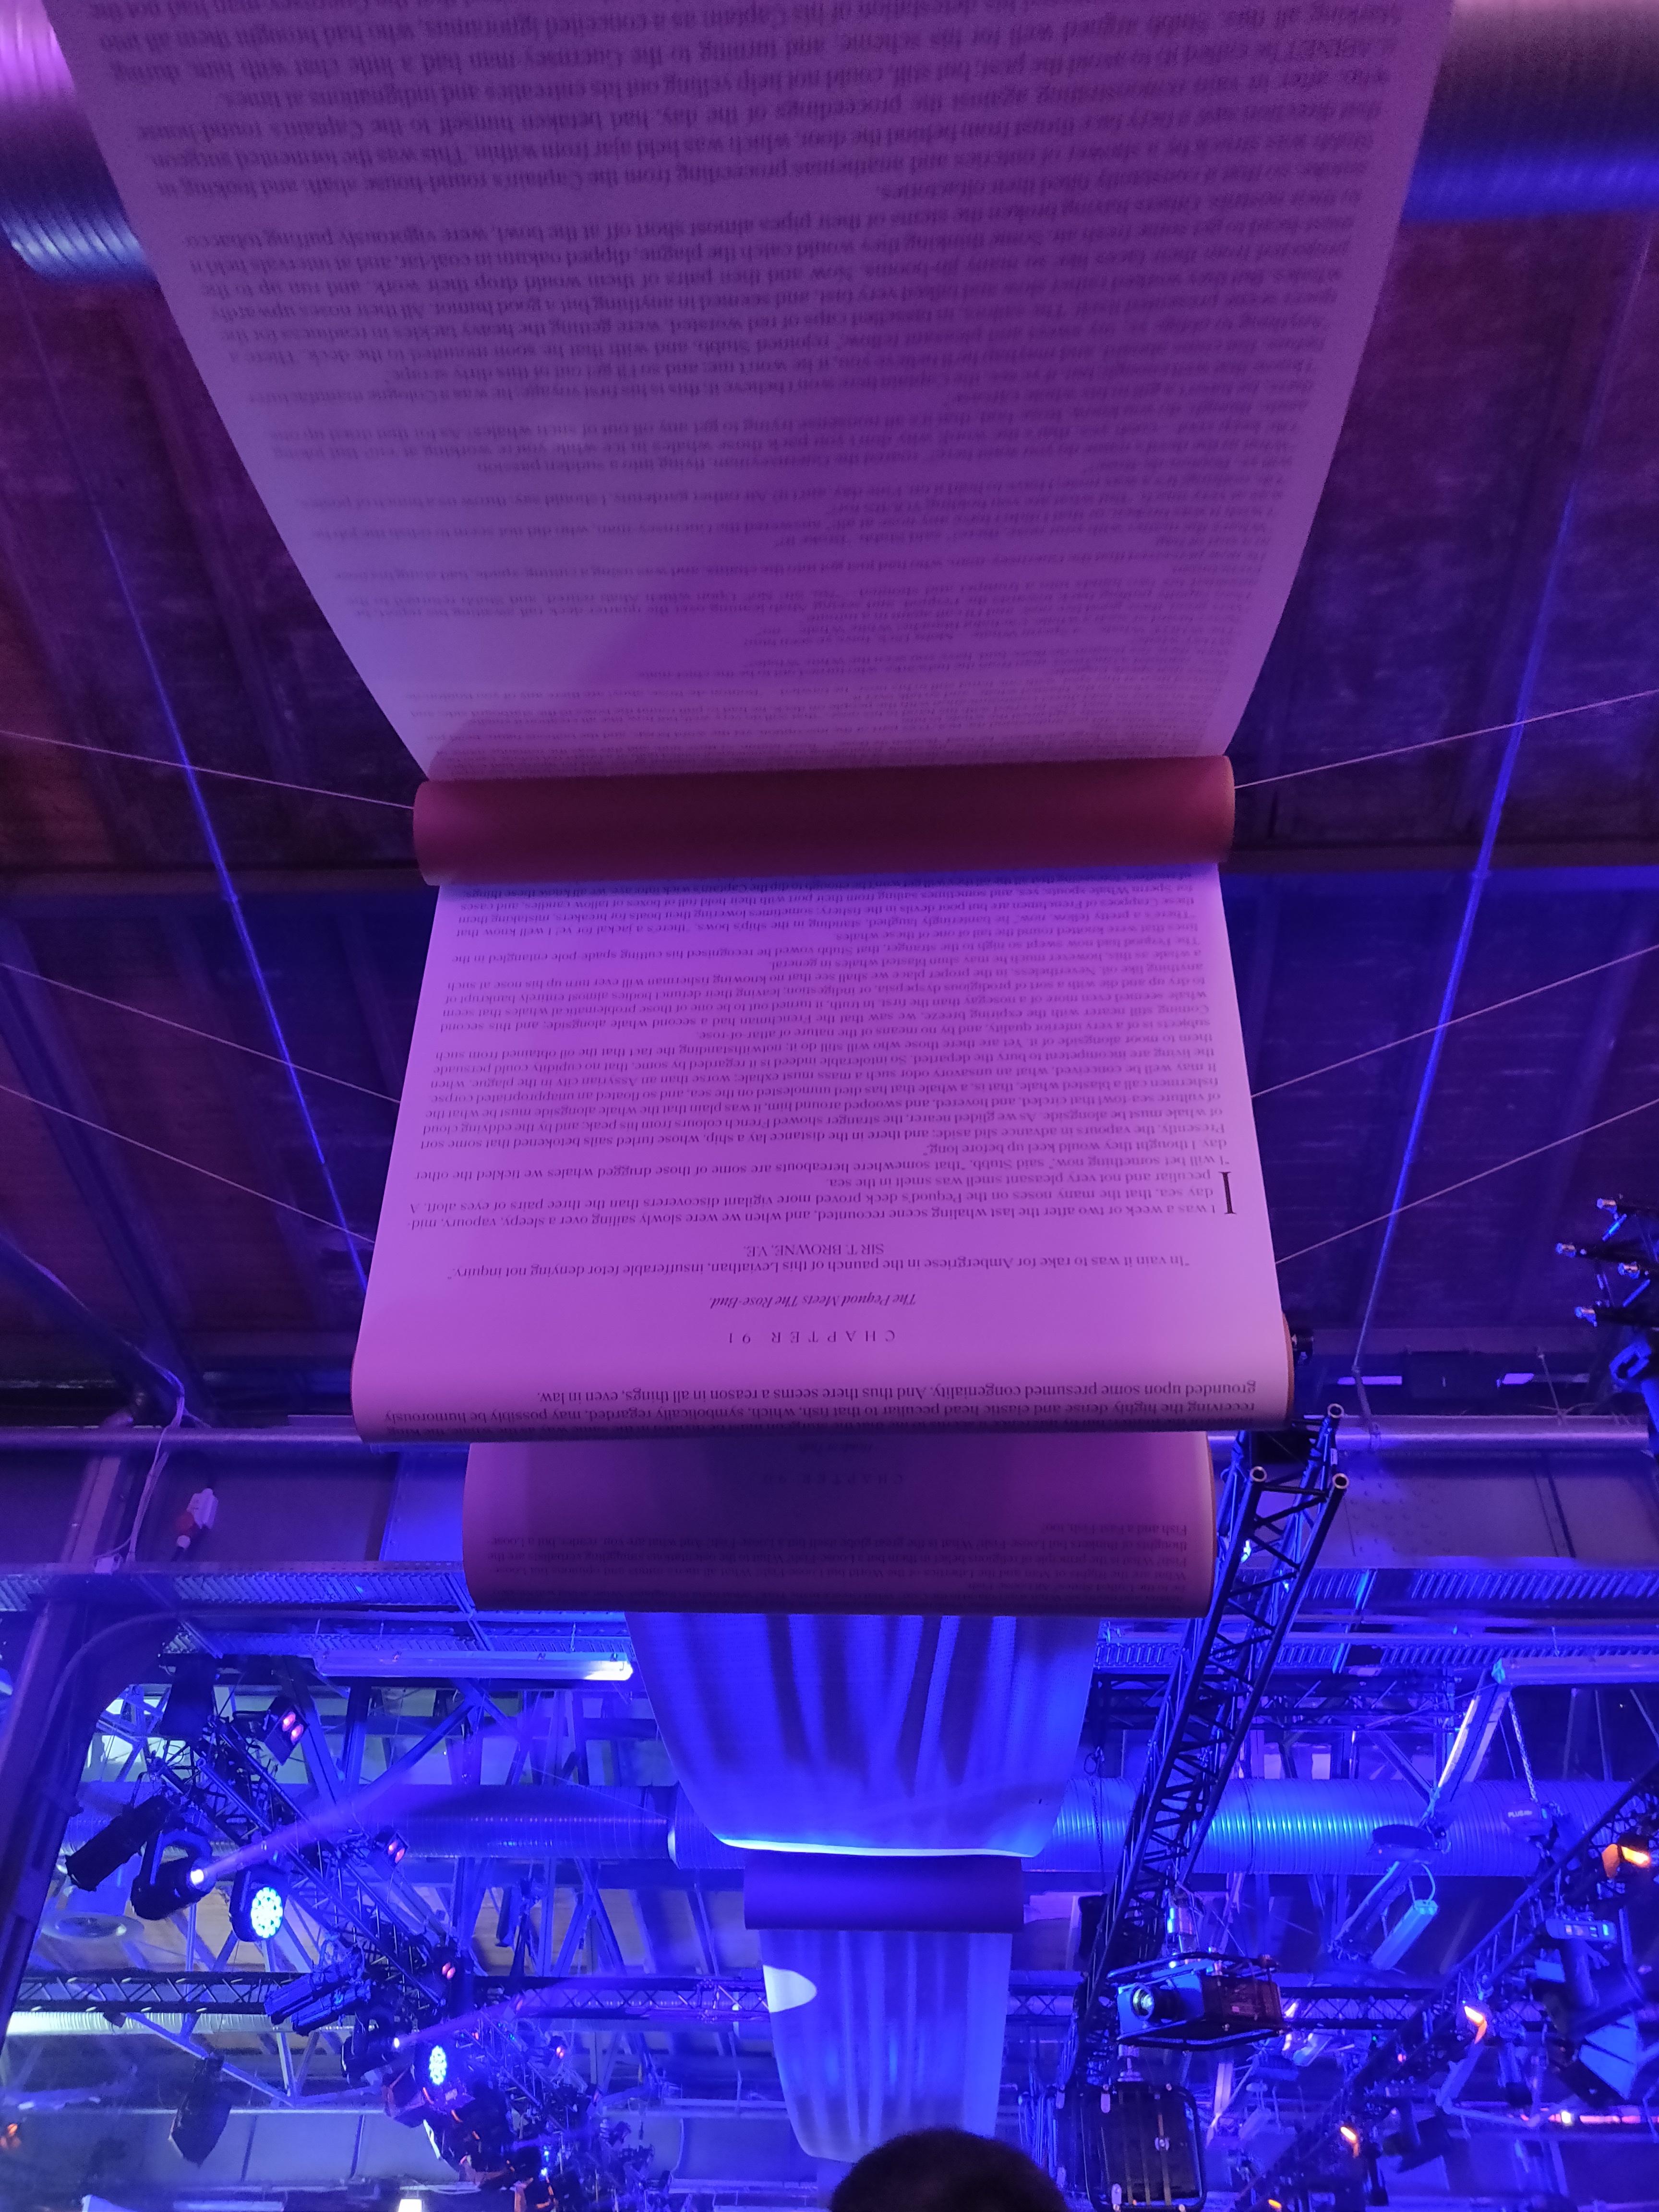 Der Inhalt von Moby-Dick, Roman von Herman Melville, verbindet die Hallen der re:publica 2019 miteinander